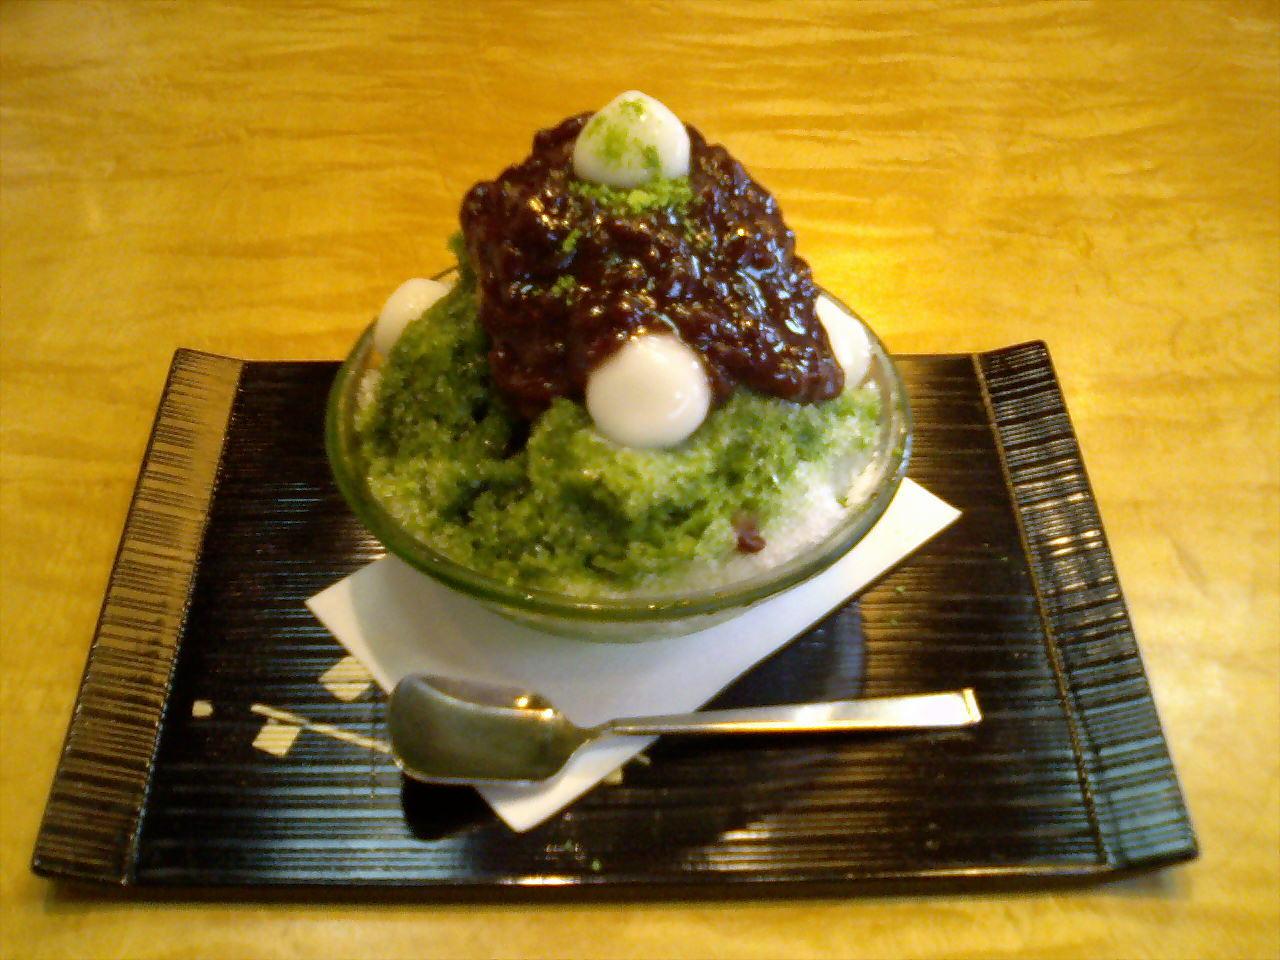 「練乳と粒あんにやられた」日本の宇治ミルク金時のかき氷が ...